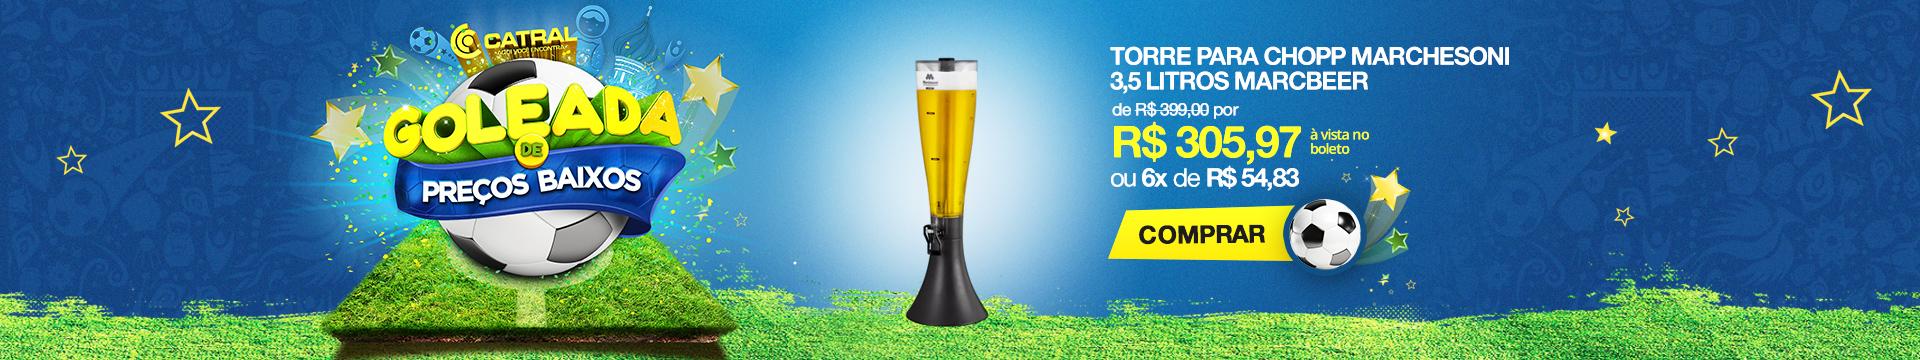 Copa - Produto 3